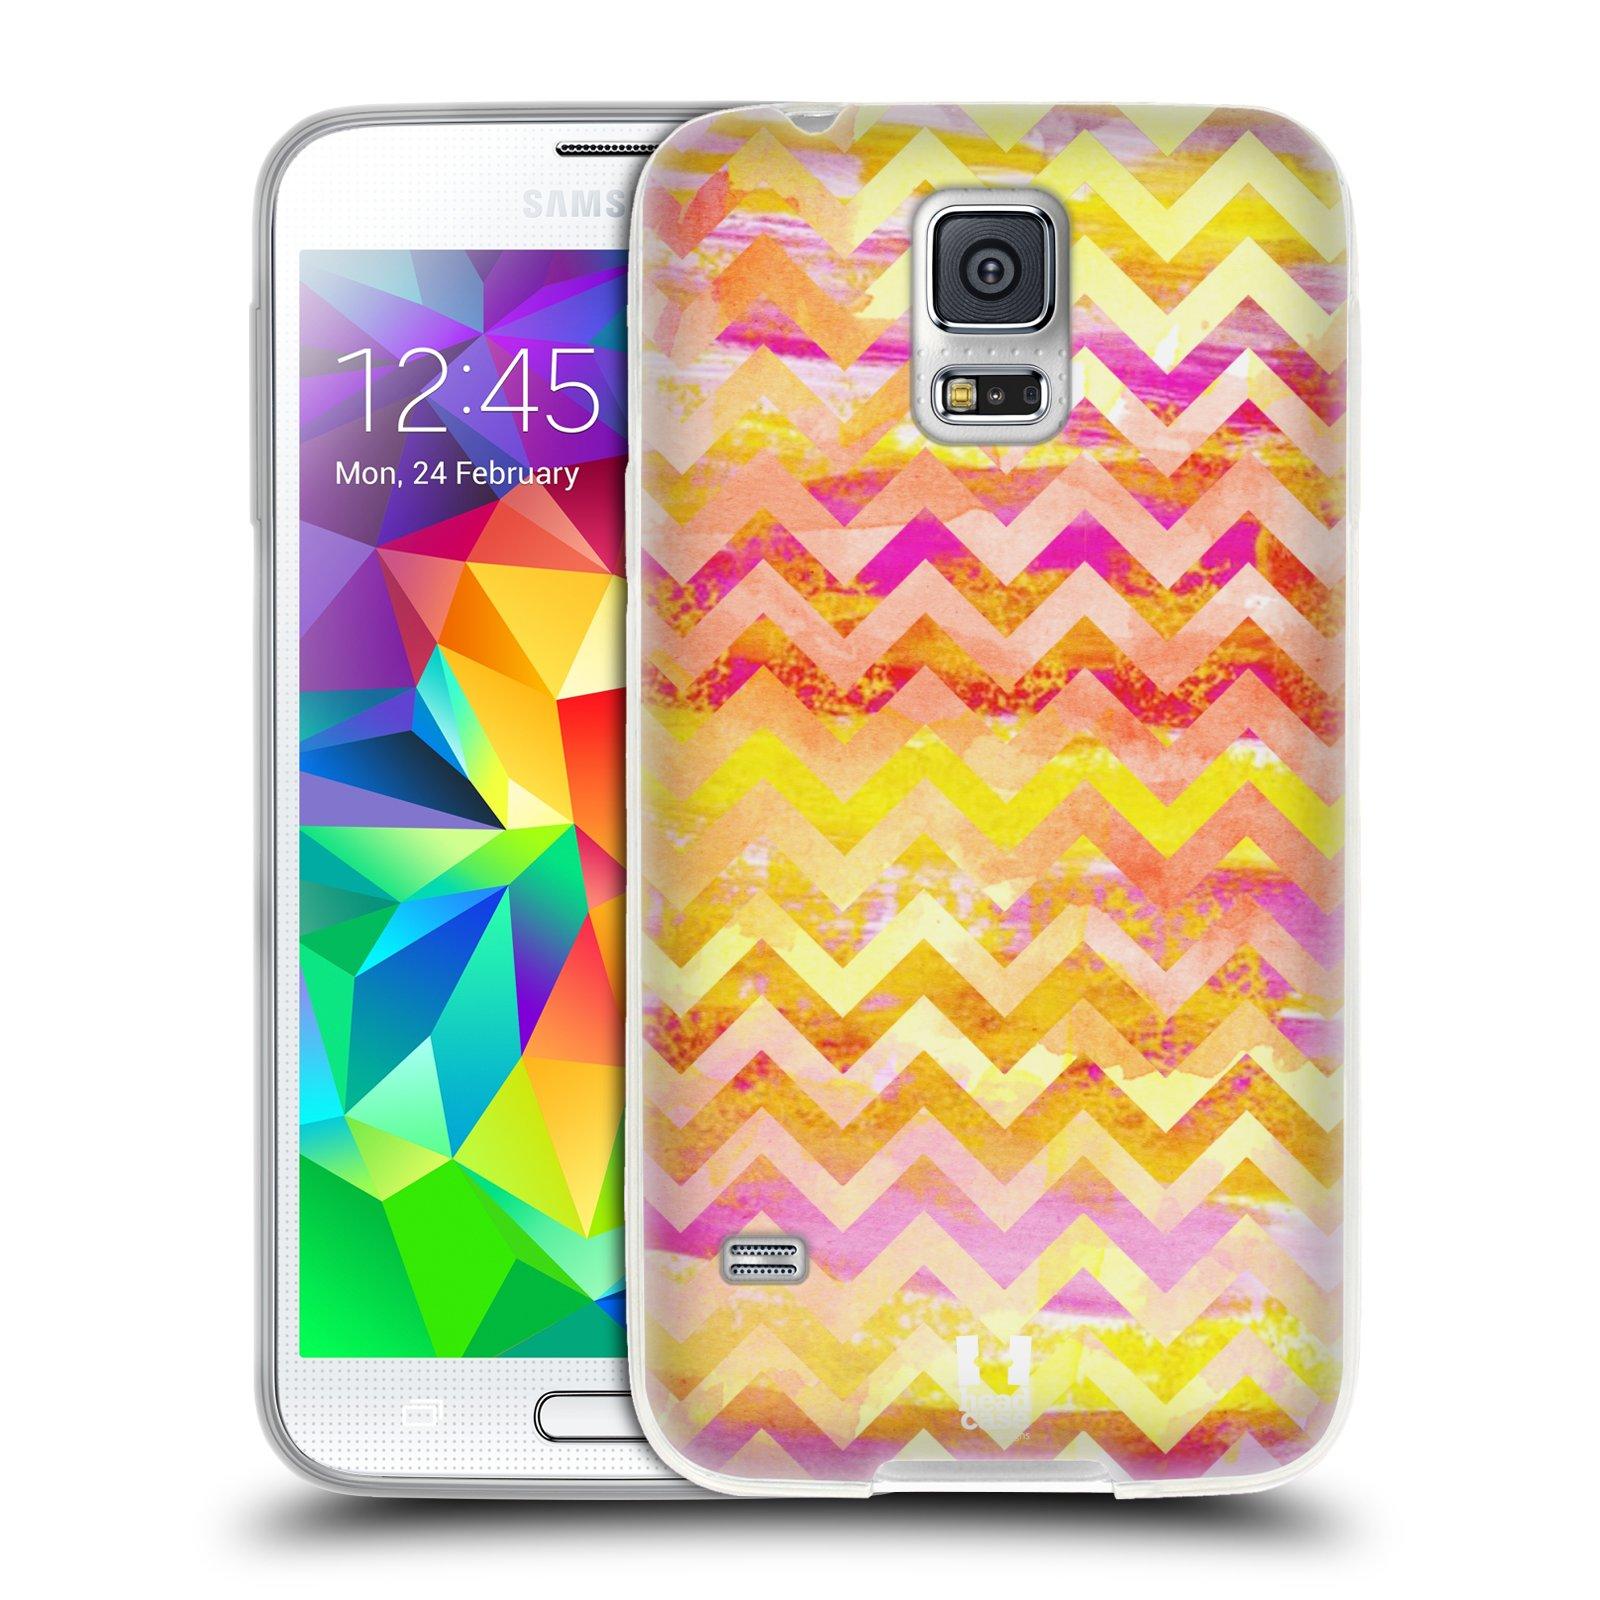 Silikonové pouzdro na mobil Samsung Galaxy S5 HEAD CASE Yellow Chevron (Silikonový kryt či obal na mobilní telefon Samsung Galaxy S5 SM-G900F)